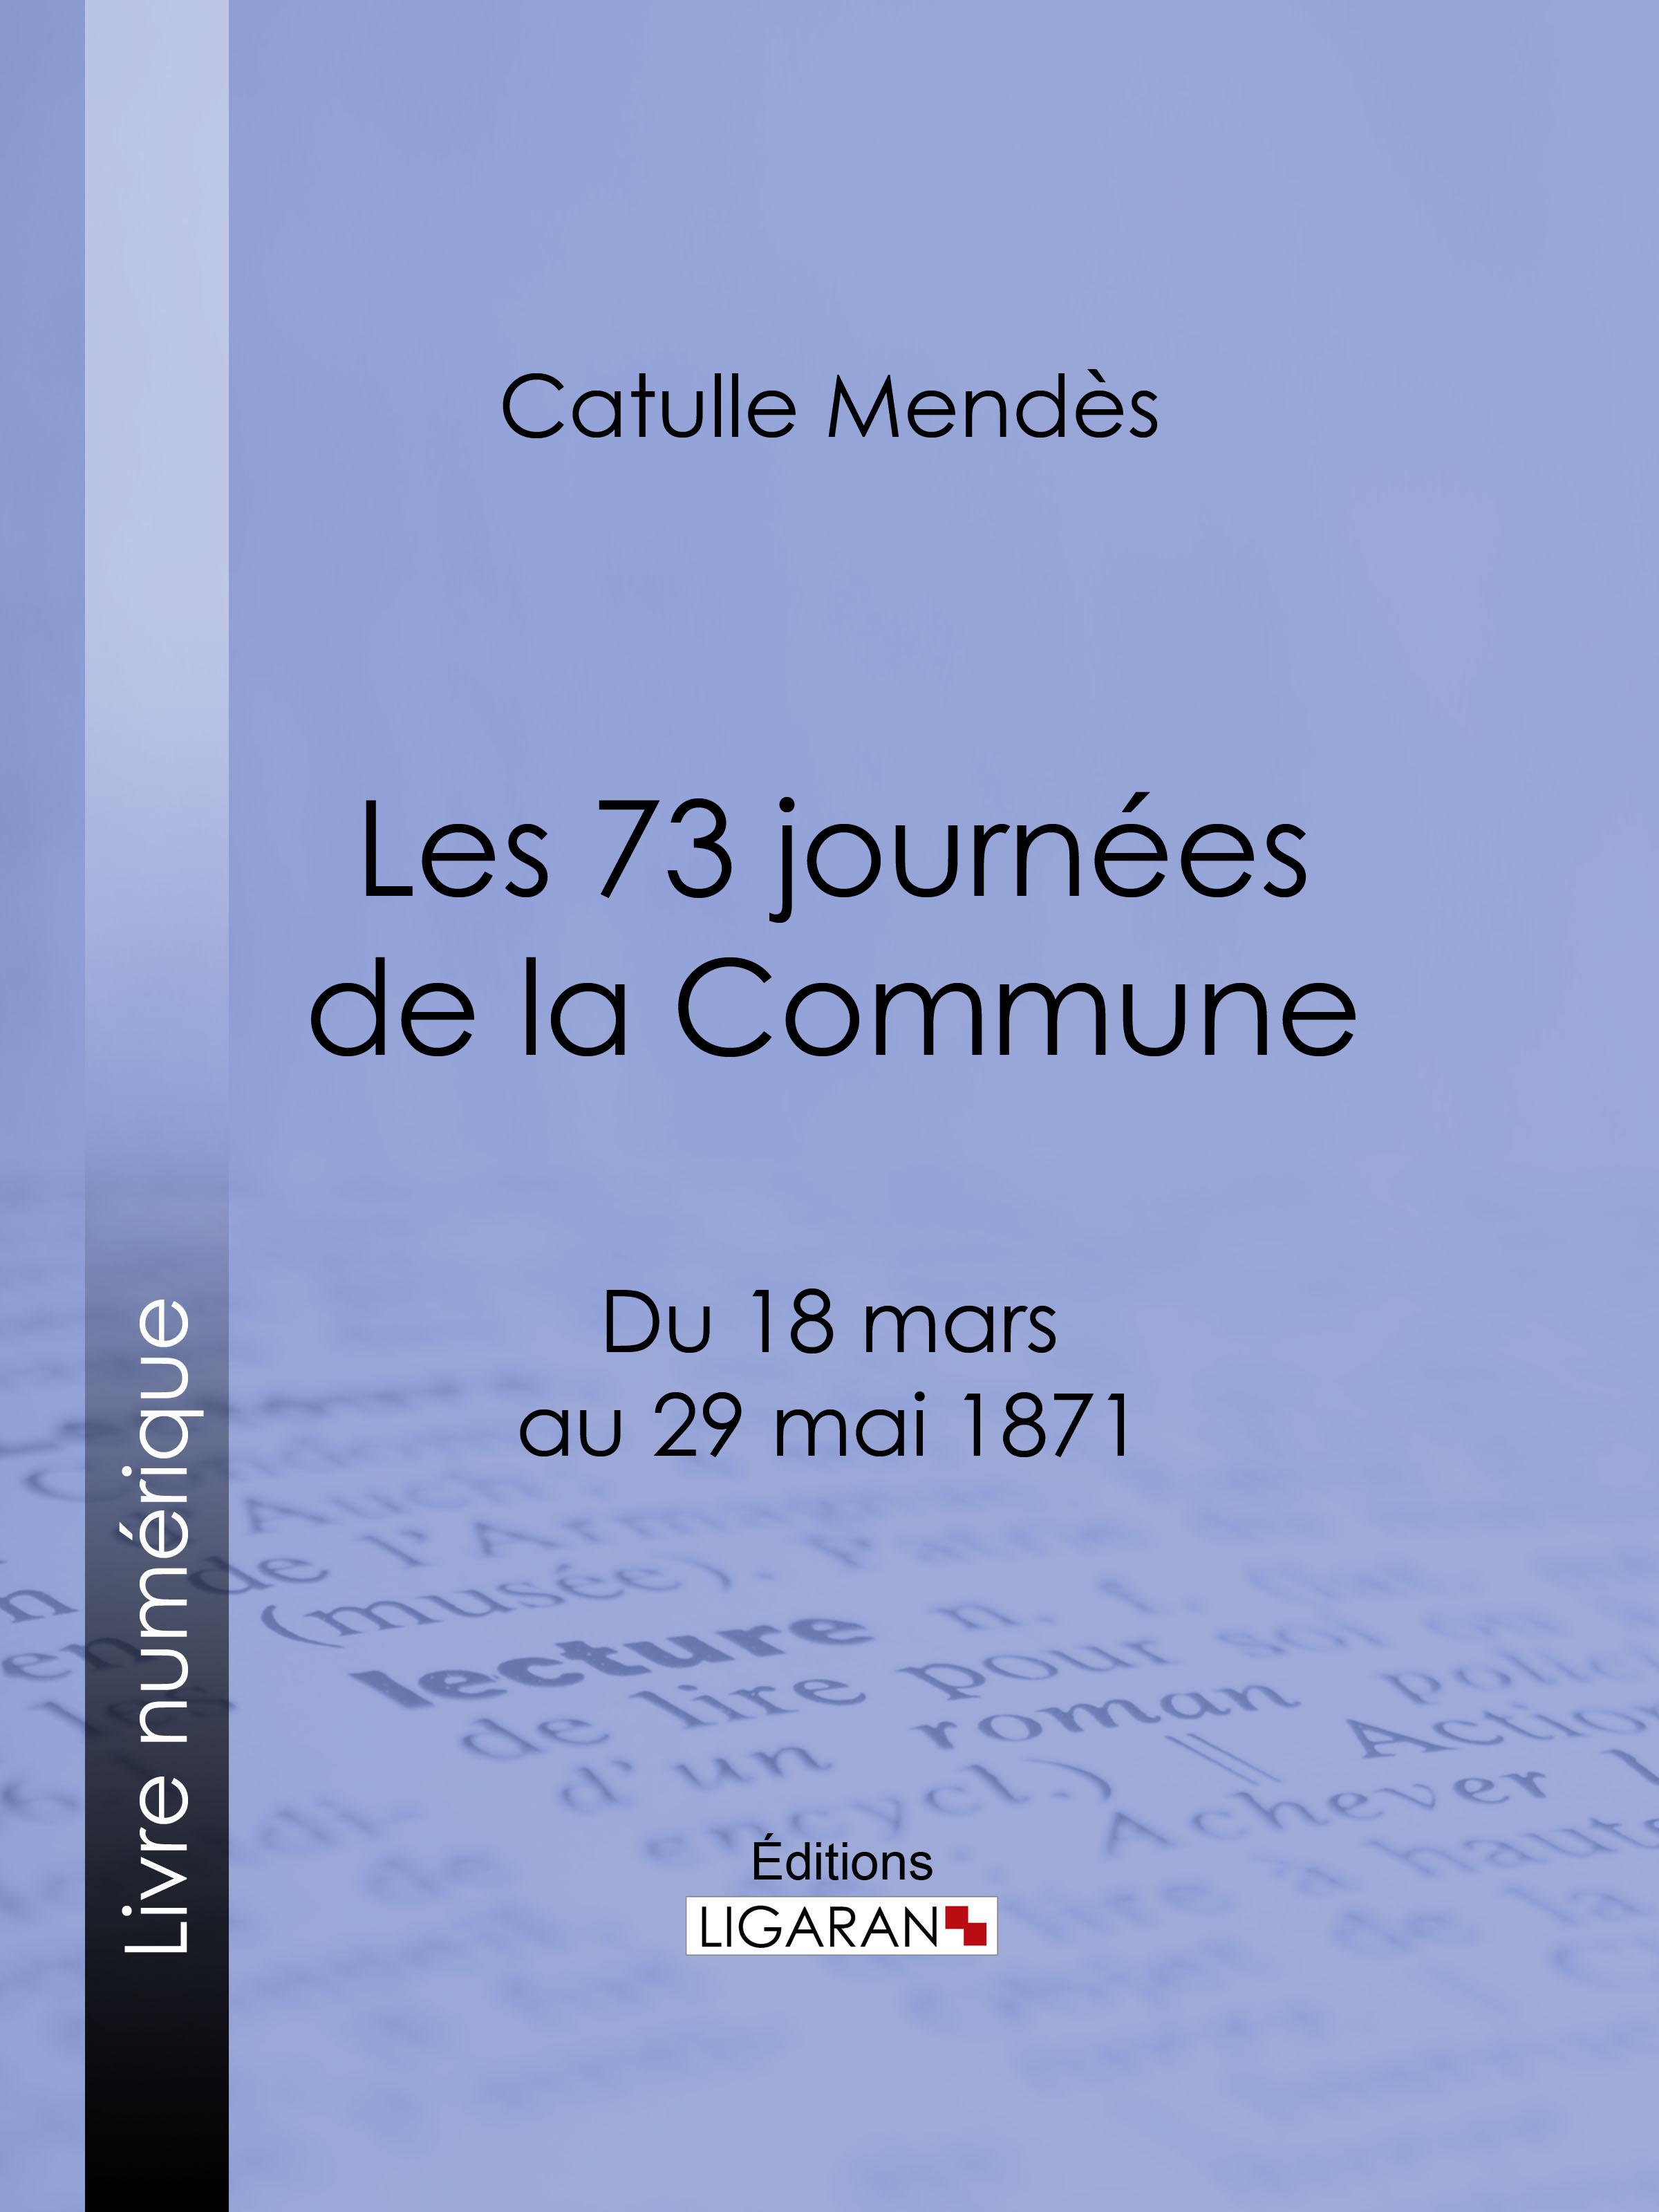 Les 73 journées de la Commune